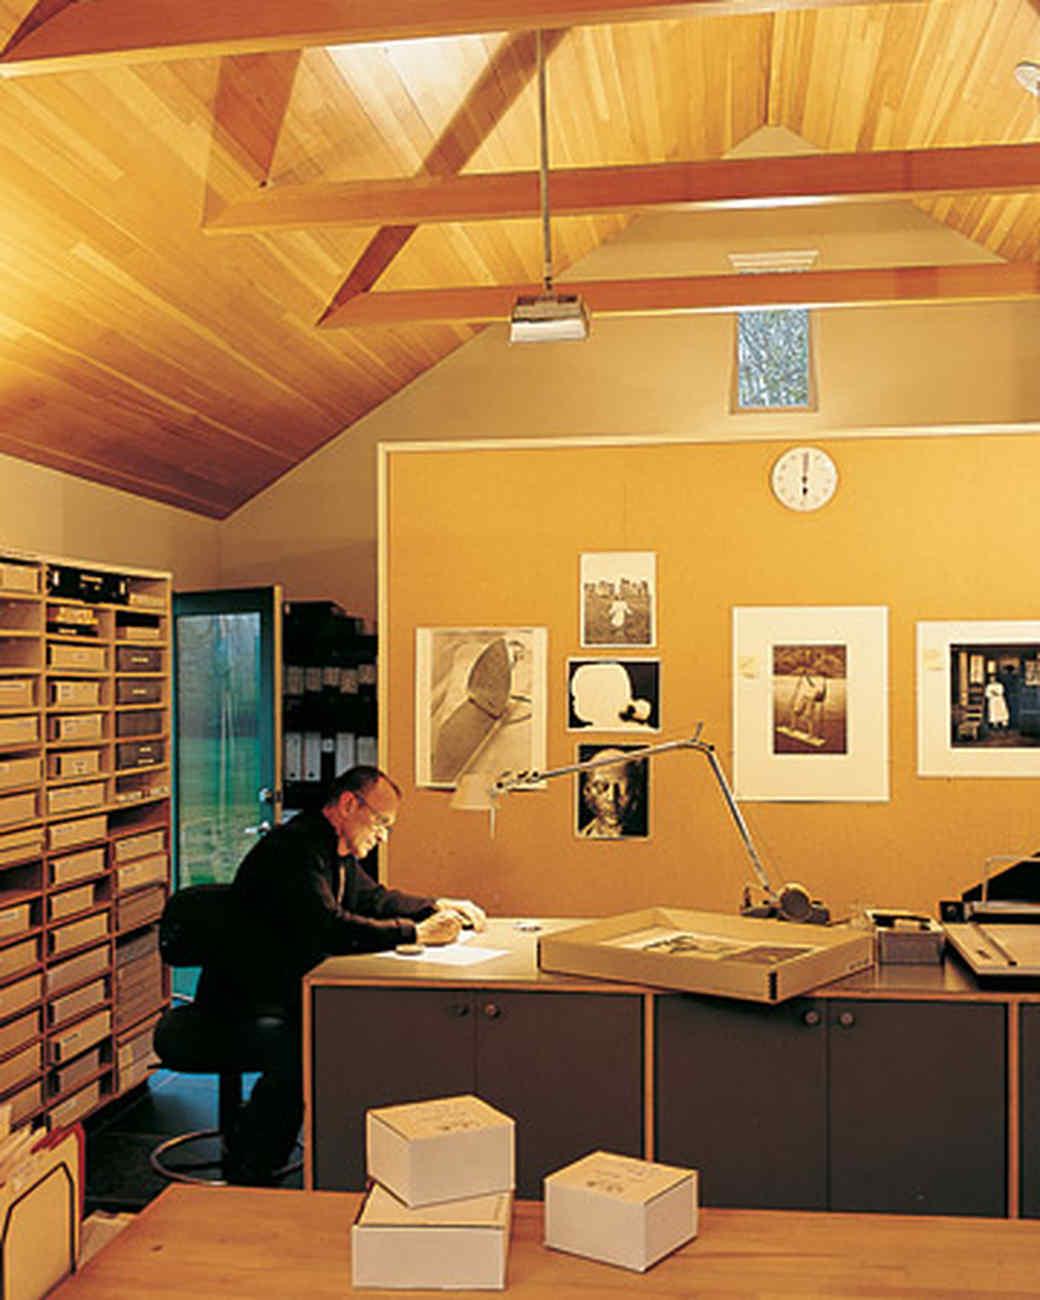 ml0903_0903_bill-office.jpg